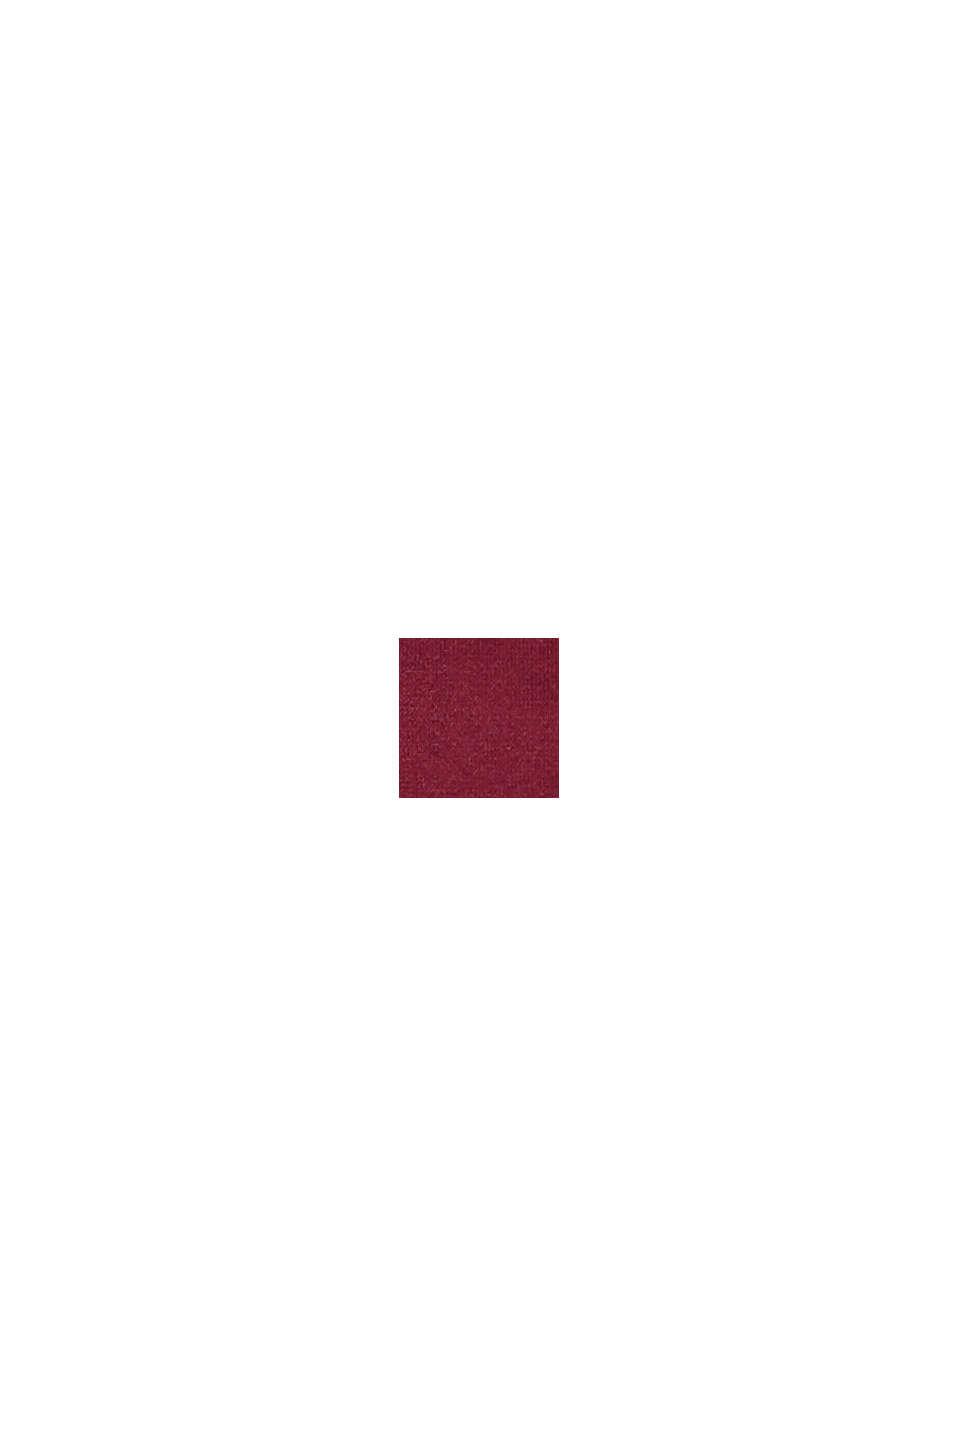 In materiale riciclato: culotte corte morbide e confortevoli, DARK RED, swatch